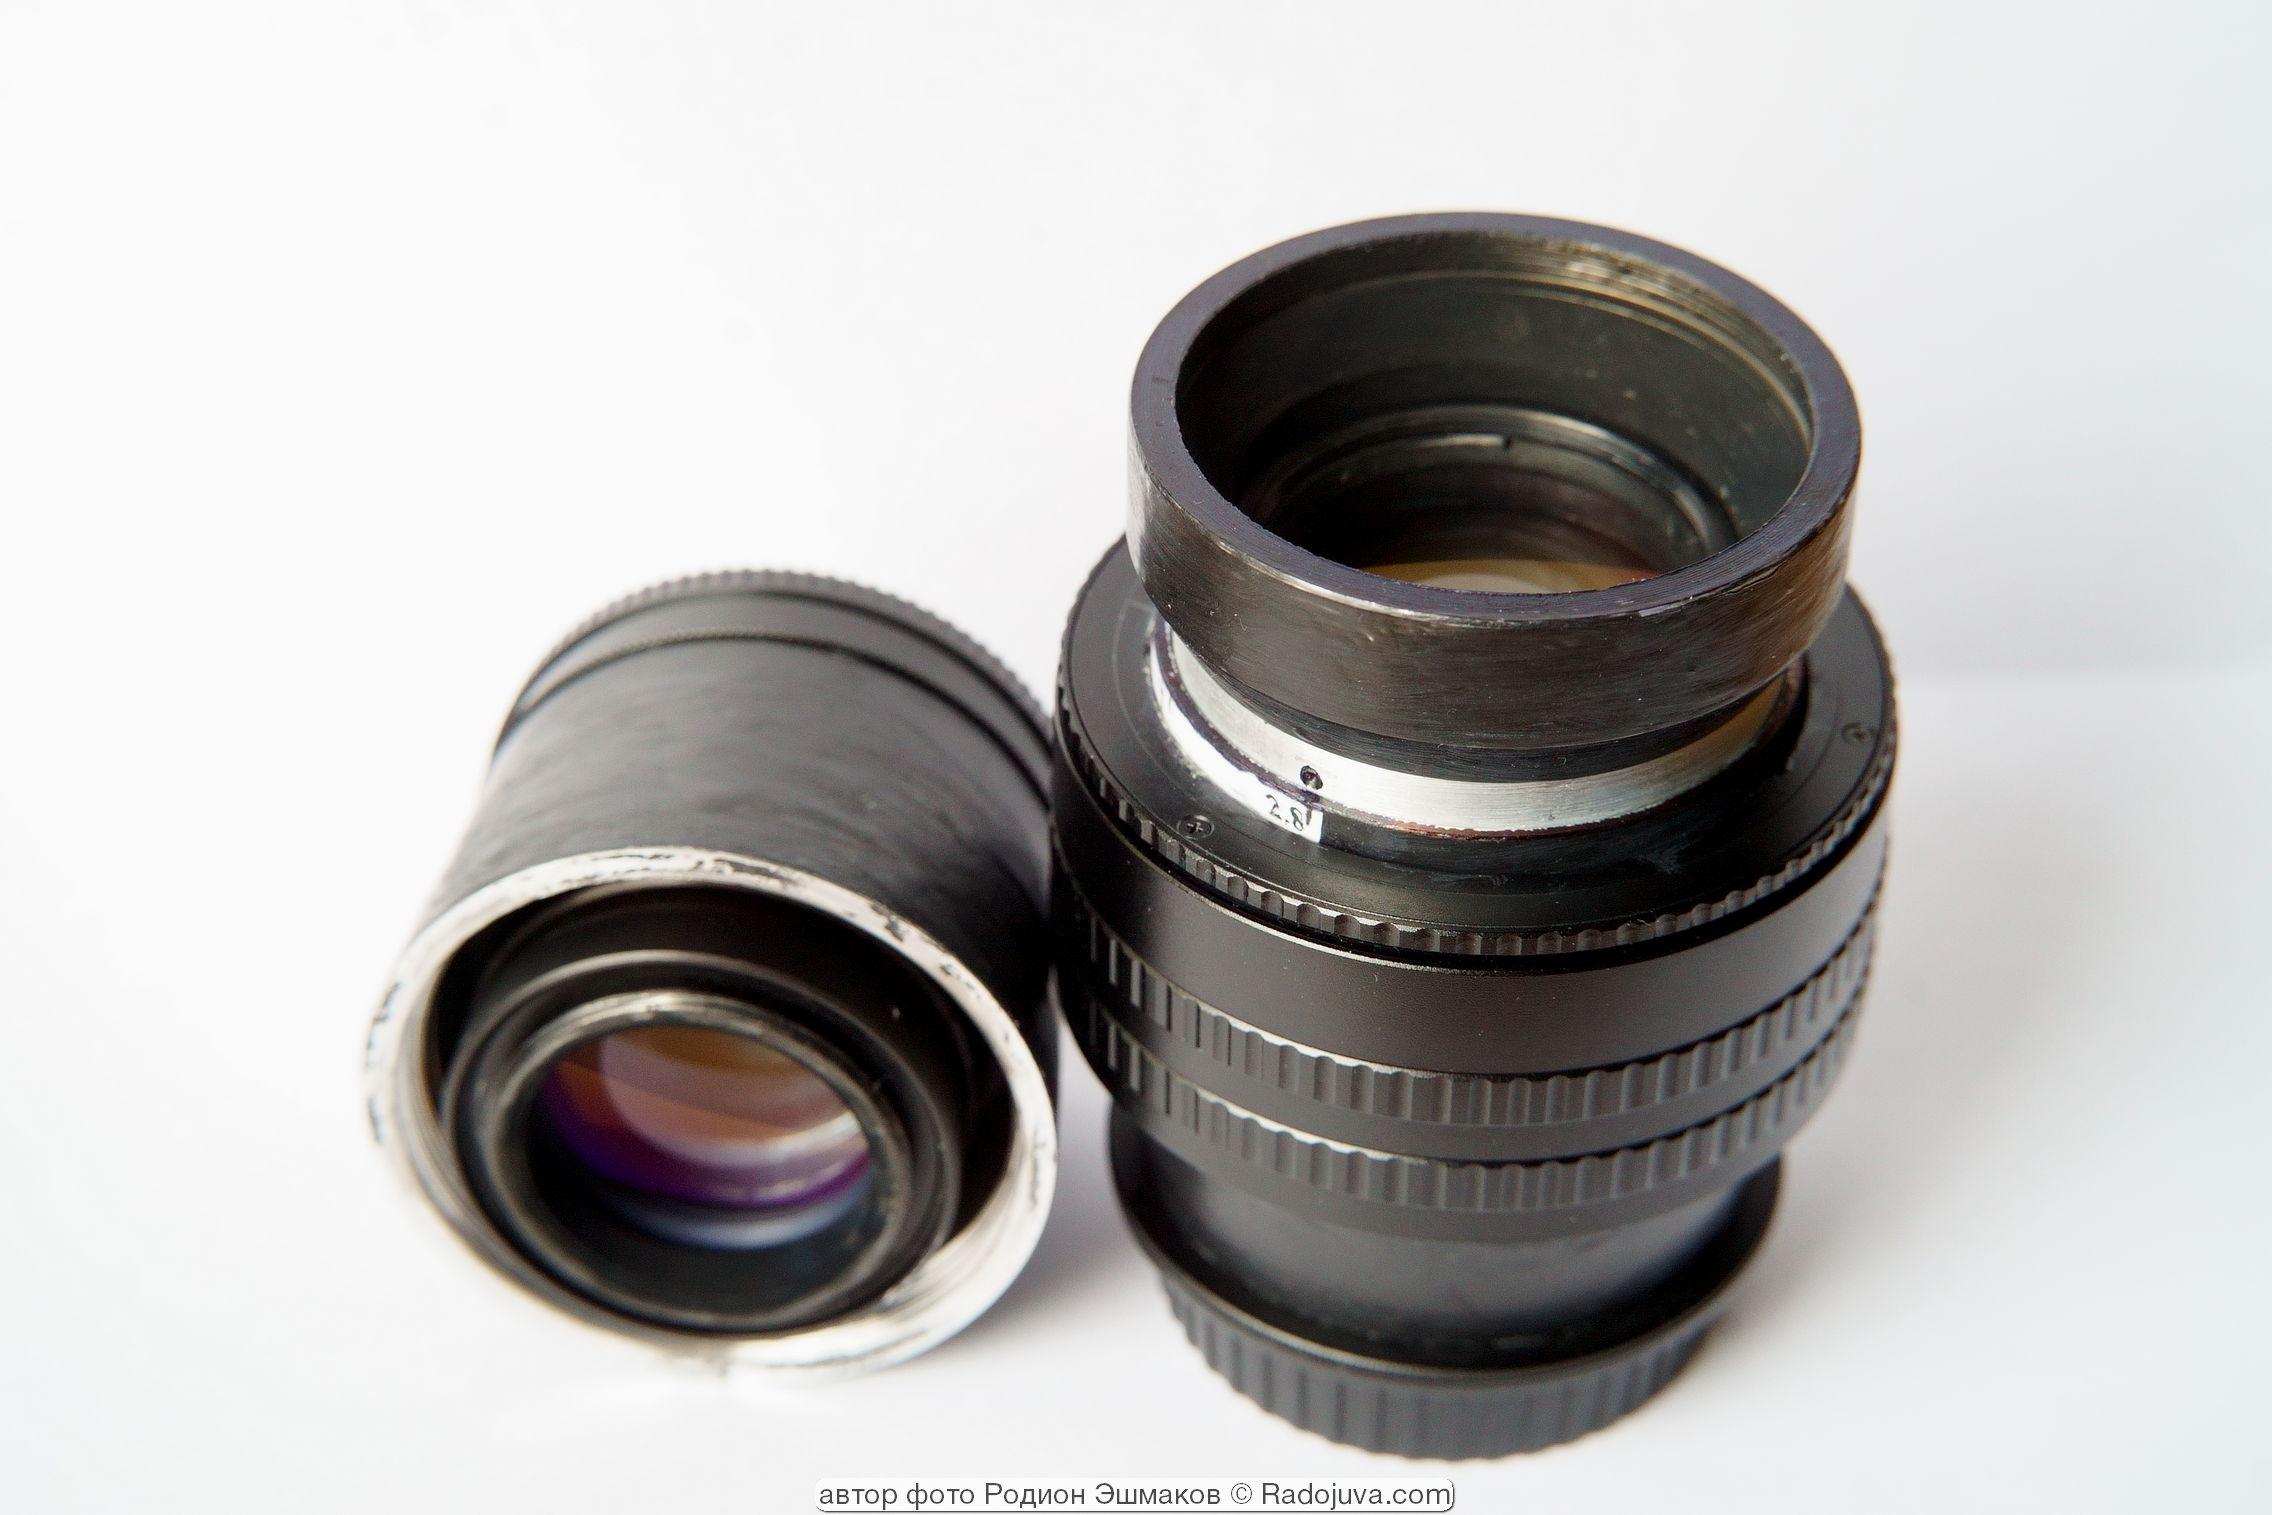 Адаптированный Триплет-5 100/2.8 с двумя вариантами хвостовиков: с резьбой М42 и с самодельным 0.7х спид-бустером для беззеркальных камер.